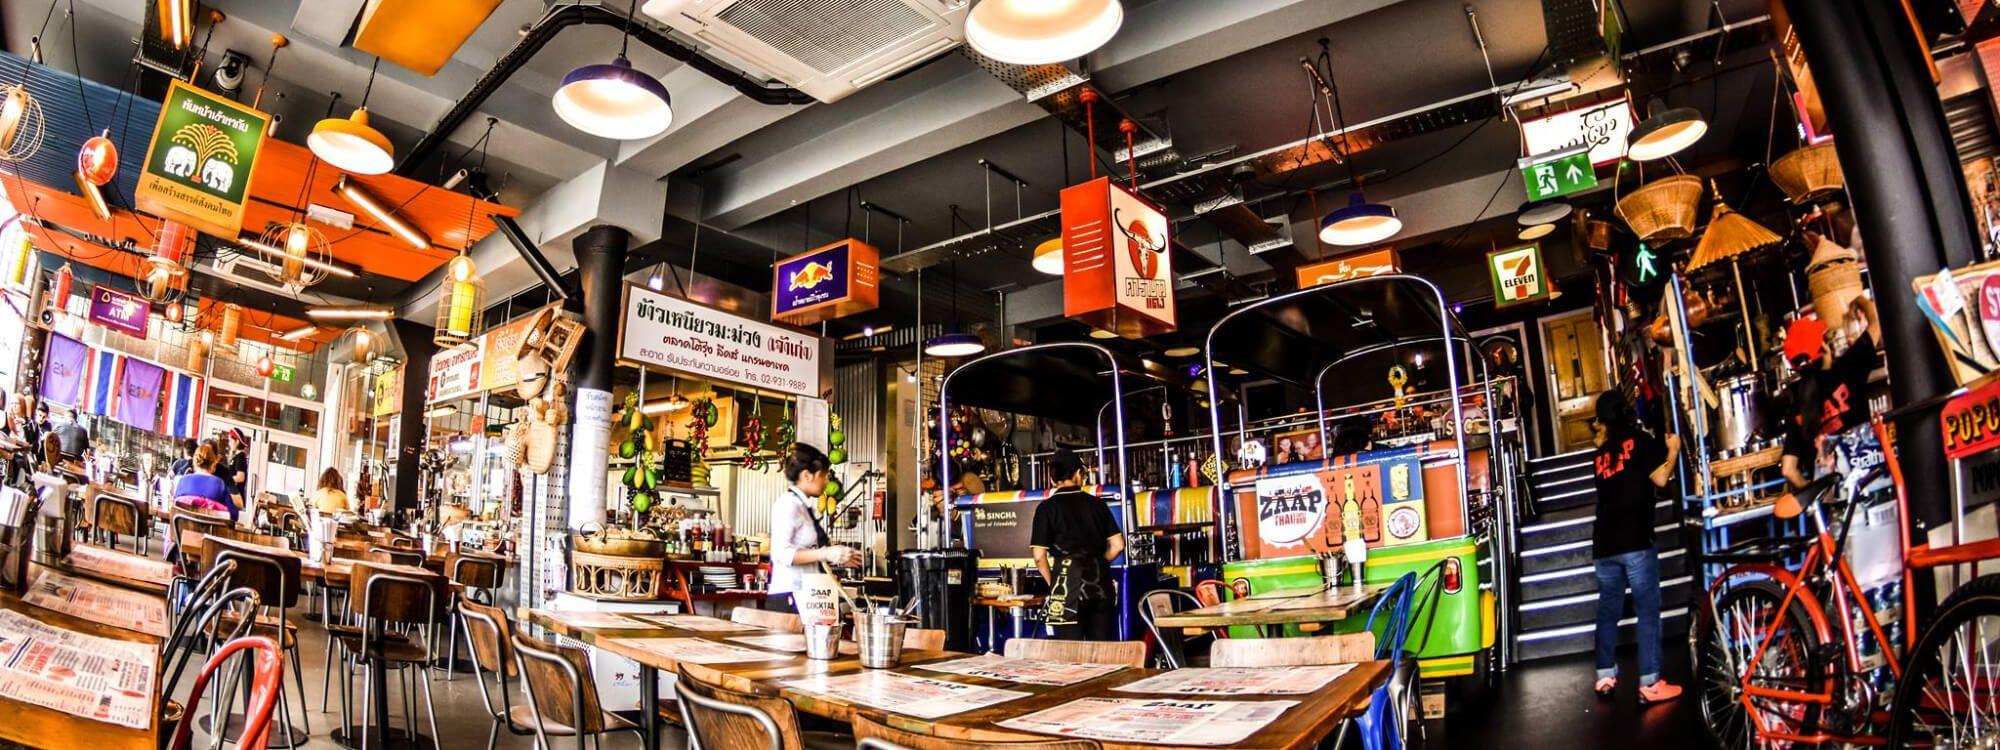 Thai Street Food at its best. A taste of Bangkok in Leeds. inside